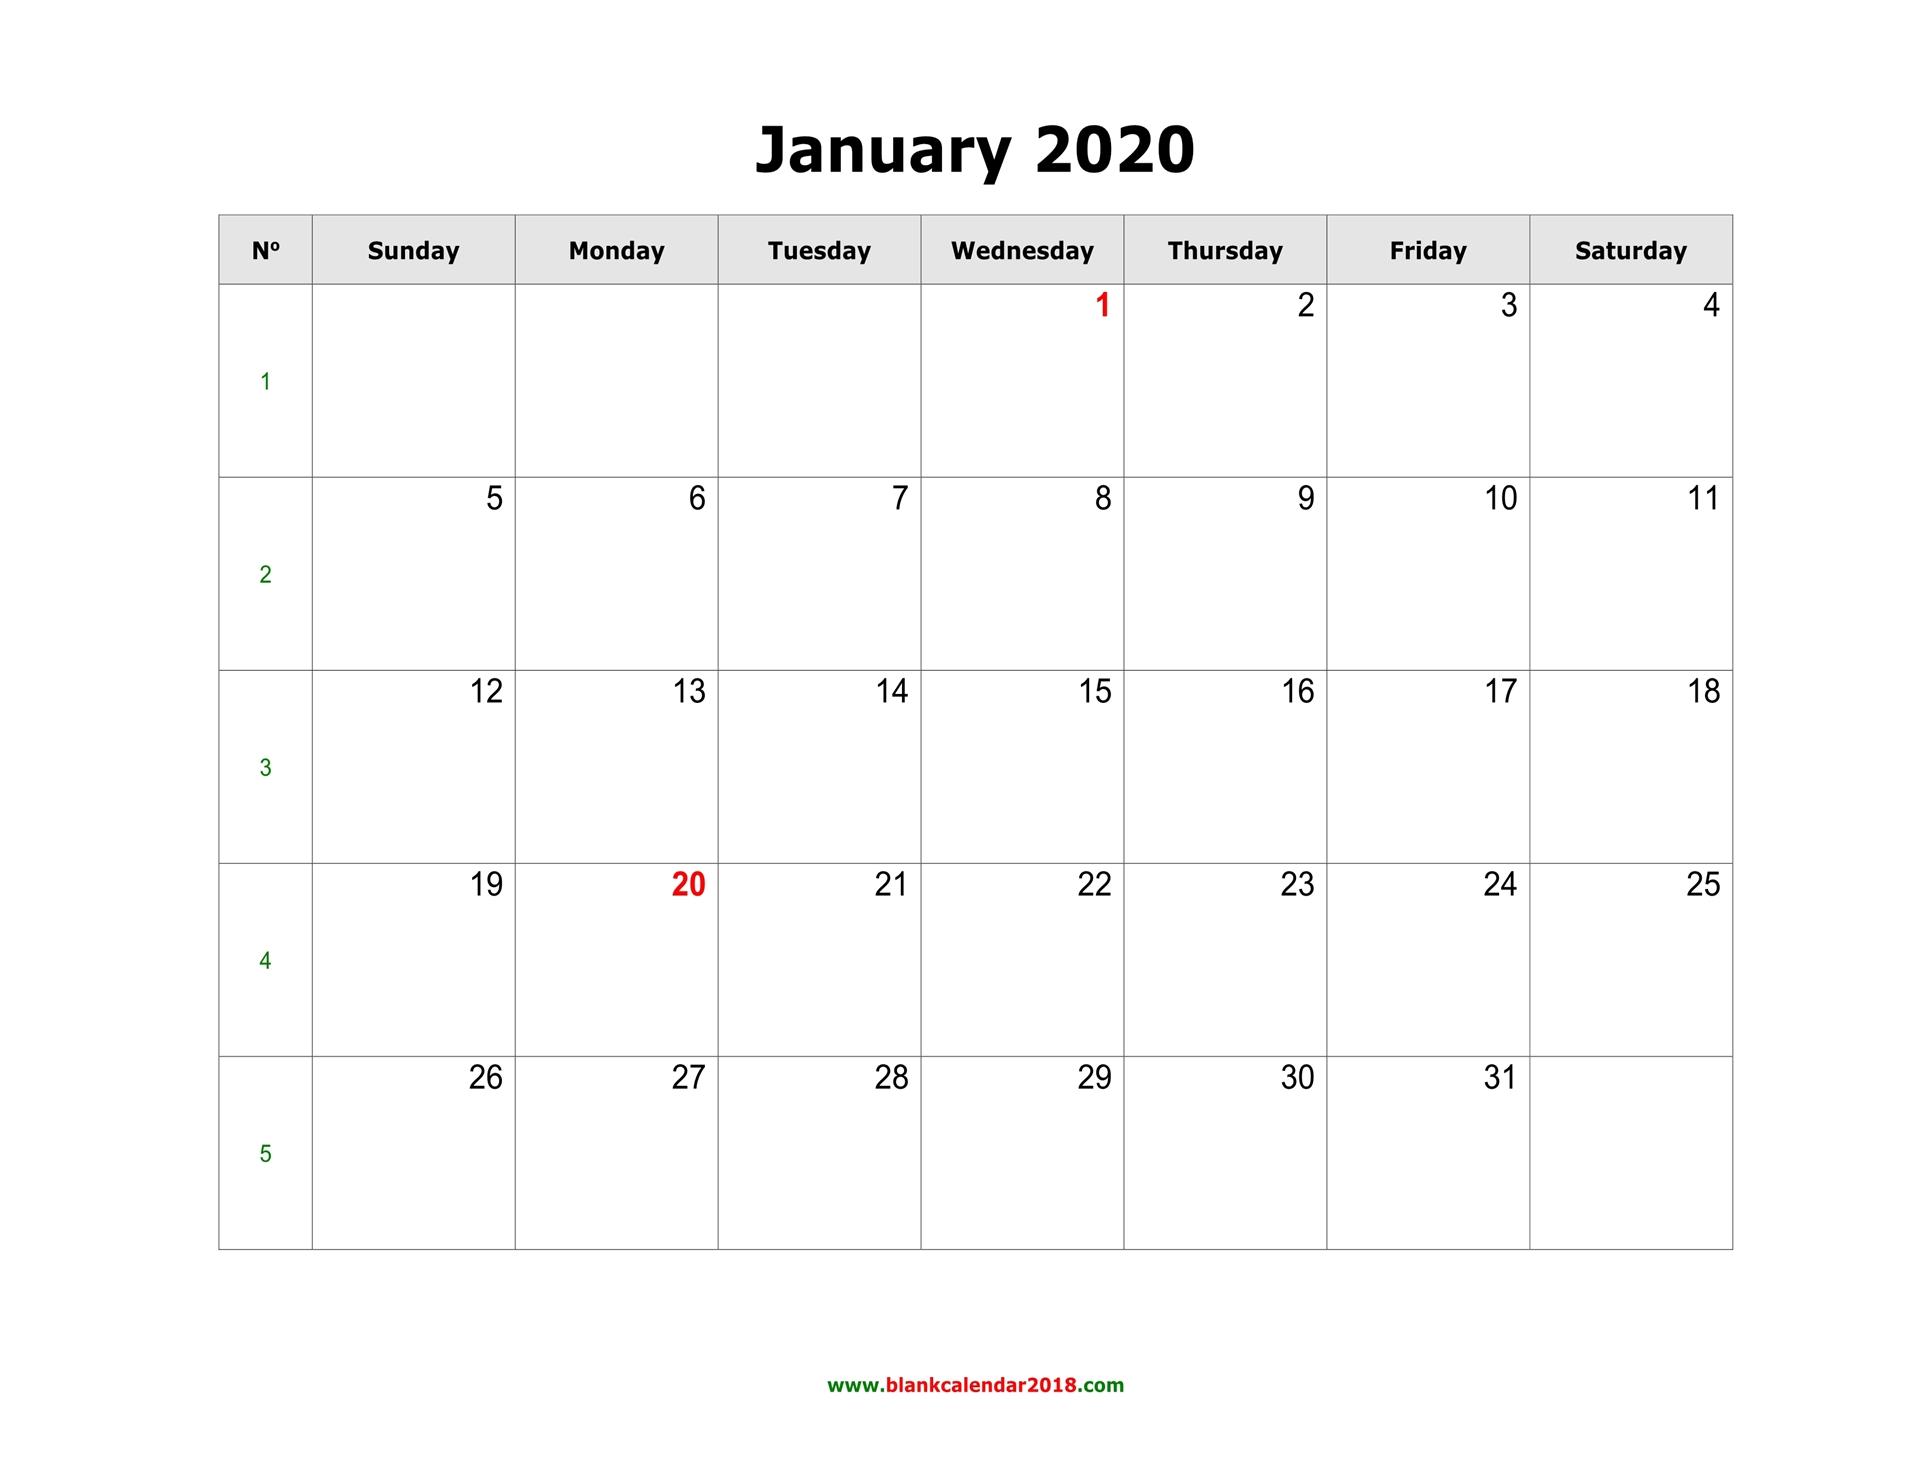 January Printable Calendar 2020.Blank Calendar For January 2020